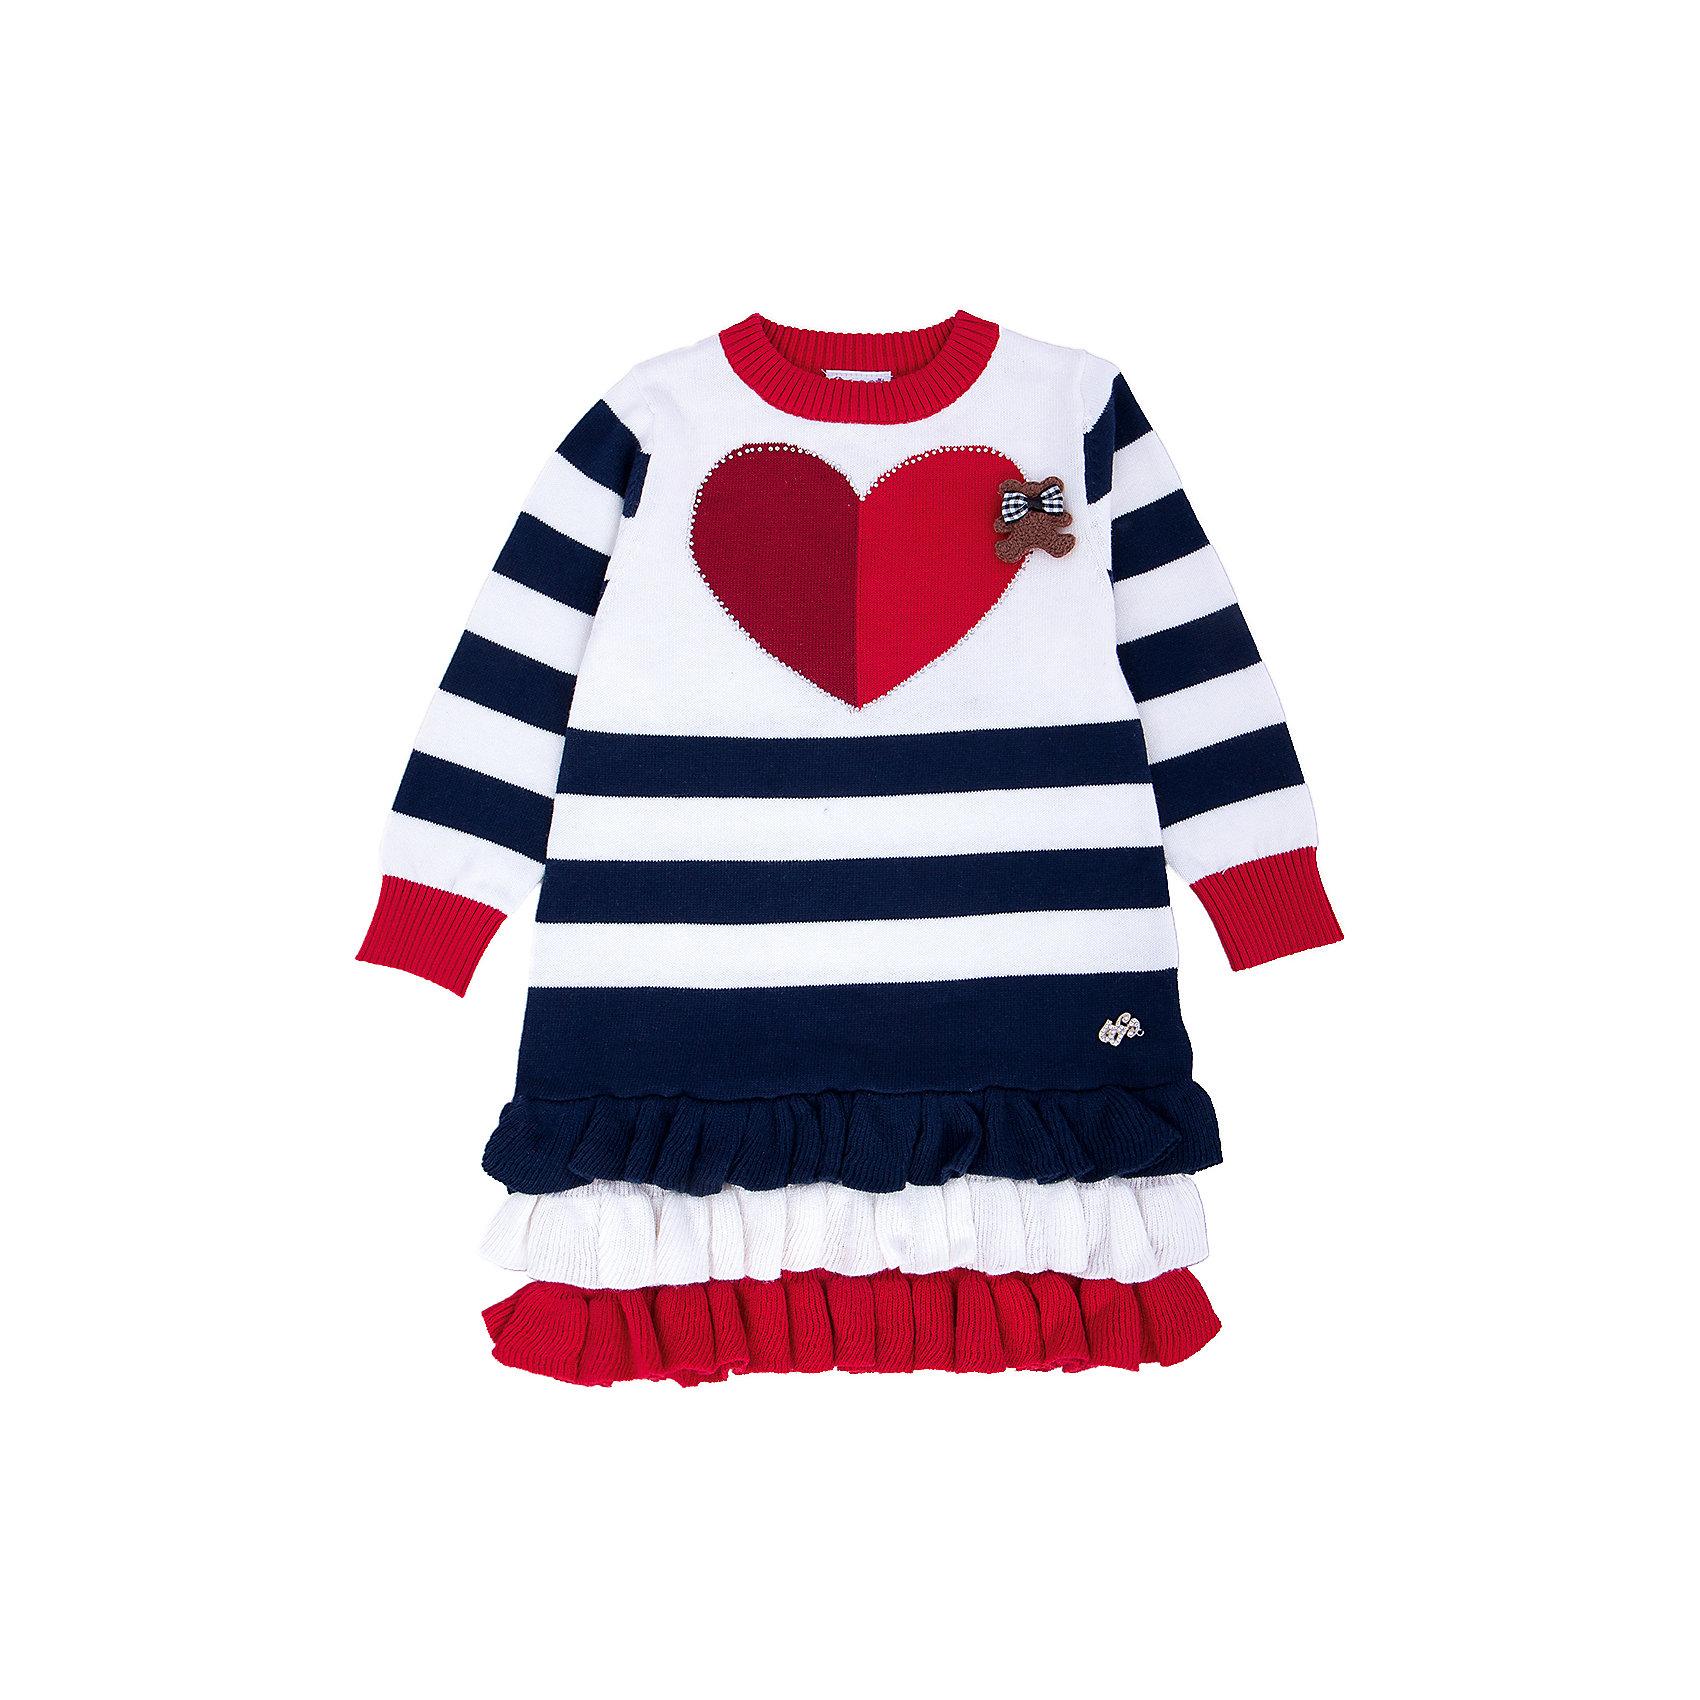 Платье для девочки Sweet BerryПлатья<br>Такое платье отличается модным дизайном с принтом и карманами. Удачный крой обеспечит ребенку комфорт и тепло. Плотный материал делает вещь идеальной для прохладной погоды. Она хорошо прилегает к телу там, где нужно, и отлично сидит по фигуре. Натуральный хлопок обеспечит коже возможность дышать и не вызовет аллергии.<br>Одежда от бренда Sweet Berry - это простой и выгодный способ одеть ребенка удобно и стильно. Всё изделия тщательно проработаны: швы - прочные, материал - качественный, фурнитура - подобранная специально для детей.<br><br>Дополнительная информация:<br><br>цвет: разноцветный;<br>состав: 100% хлопок;<br>декорировано сердечком и воланами.<br><br>Платье для девочки от бренда Sweet Berry можно купить в нашем интернет-магазине.<br><br>Ширина мм: 236<br>Глубина мм: 16<br>Высота мм: 184<br>Вес г: 177<br>Цвет: синий<br>Возраст от месяцев: 18<br>Возраст до месяцев: 24<br>Пол: Женский<br>Возраст: Детский<br>Размер: 92,98,80,86<br>SKU: 4931323